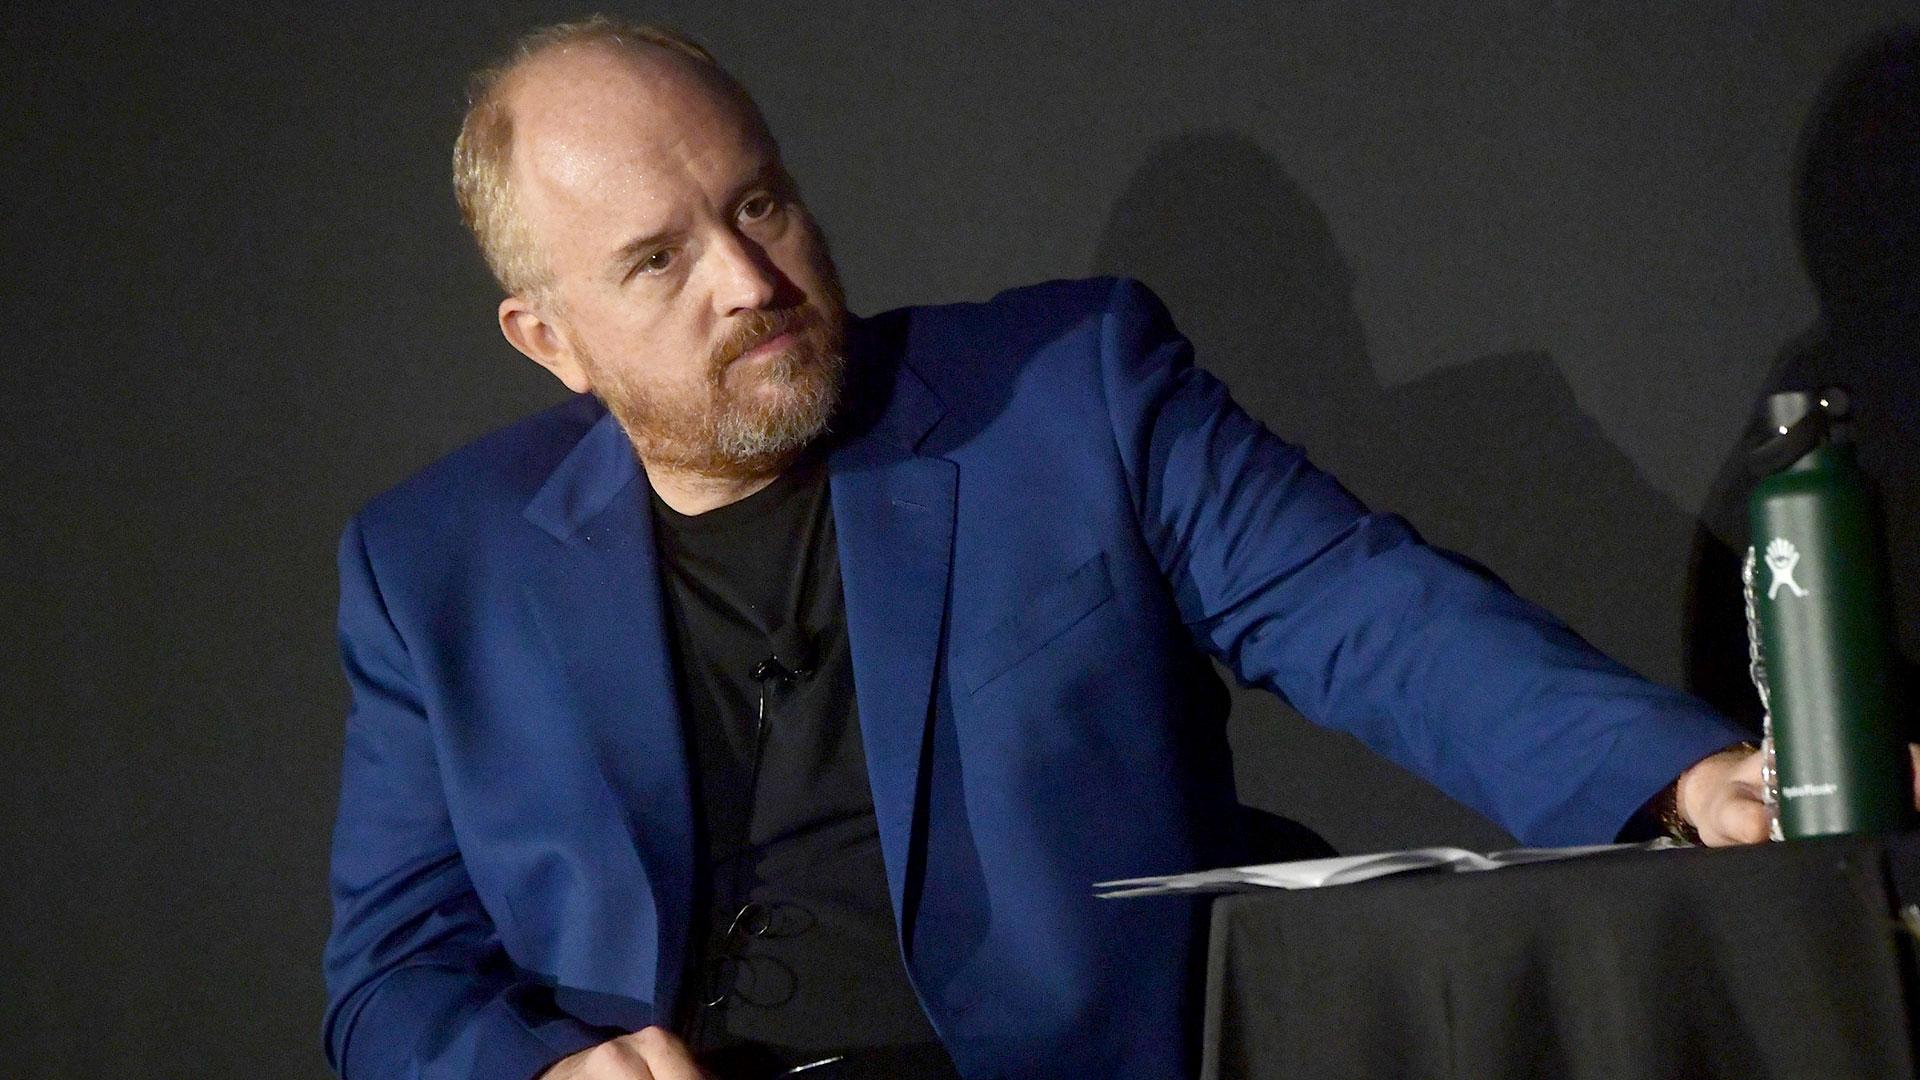 El humorista Luis C.K. canceló el estreno de su última película (Getty Images)